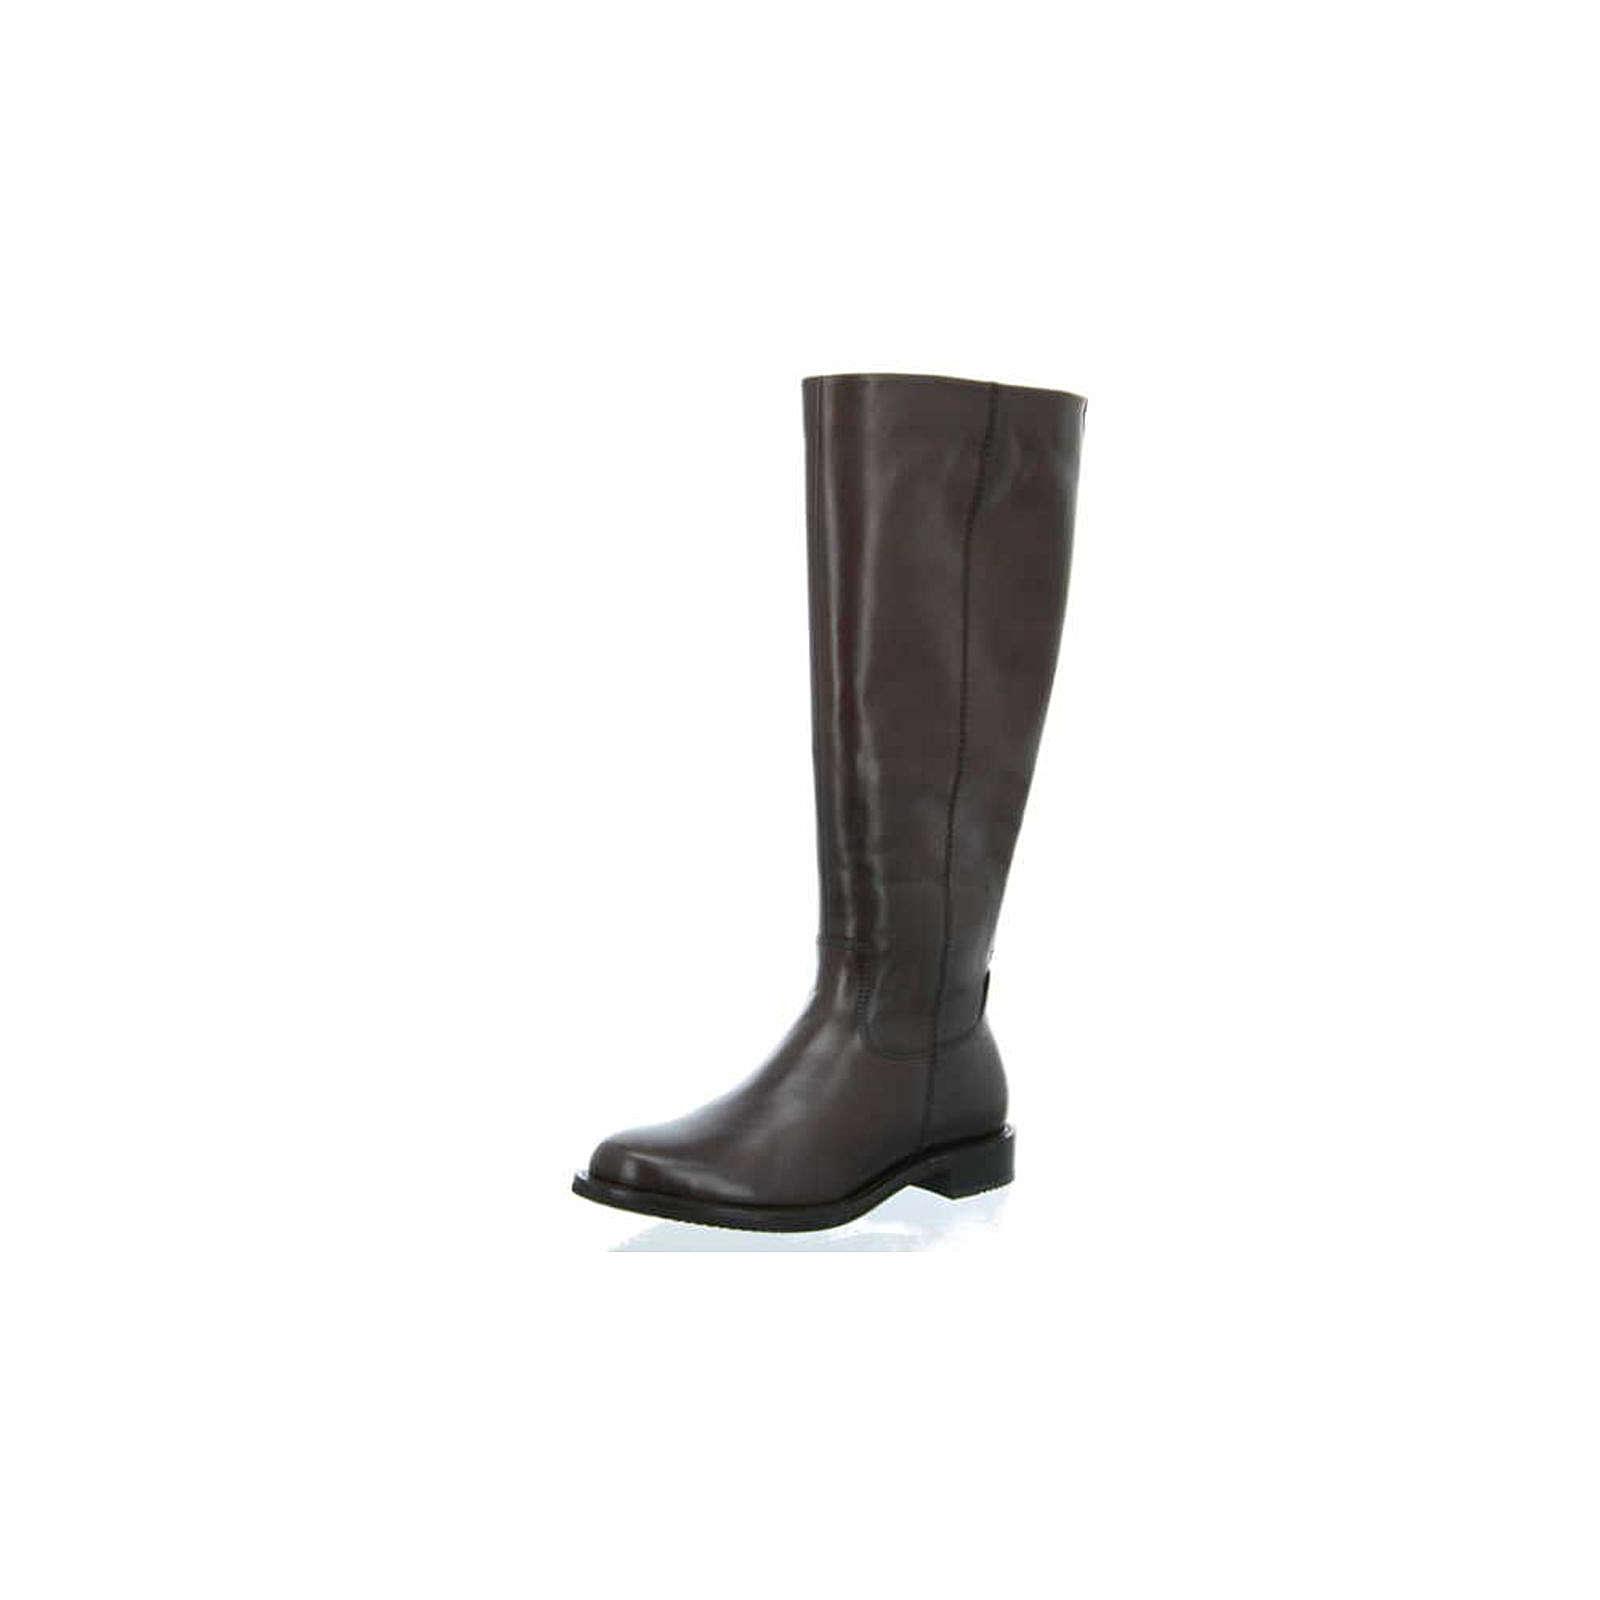 ecco Klassische Stiefel braun Damen Gr. 36